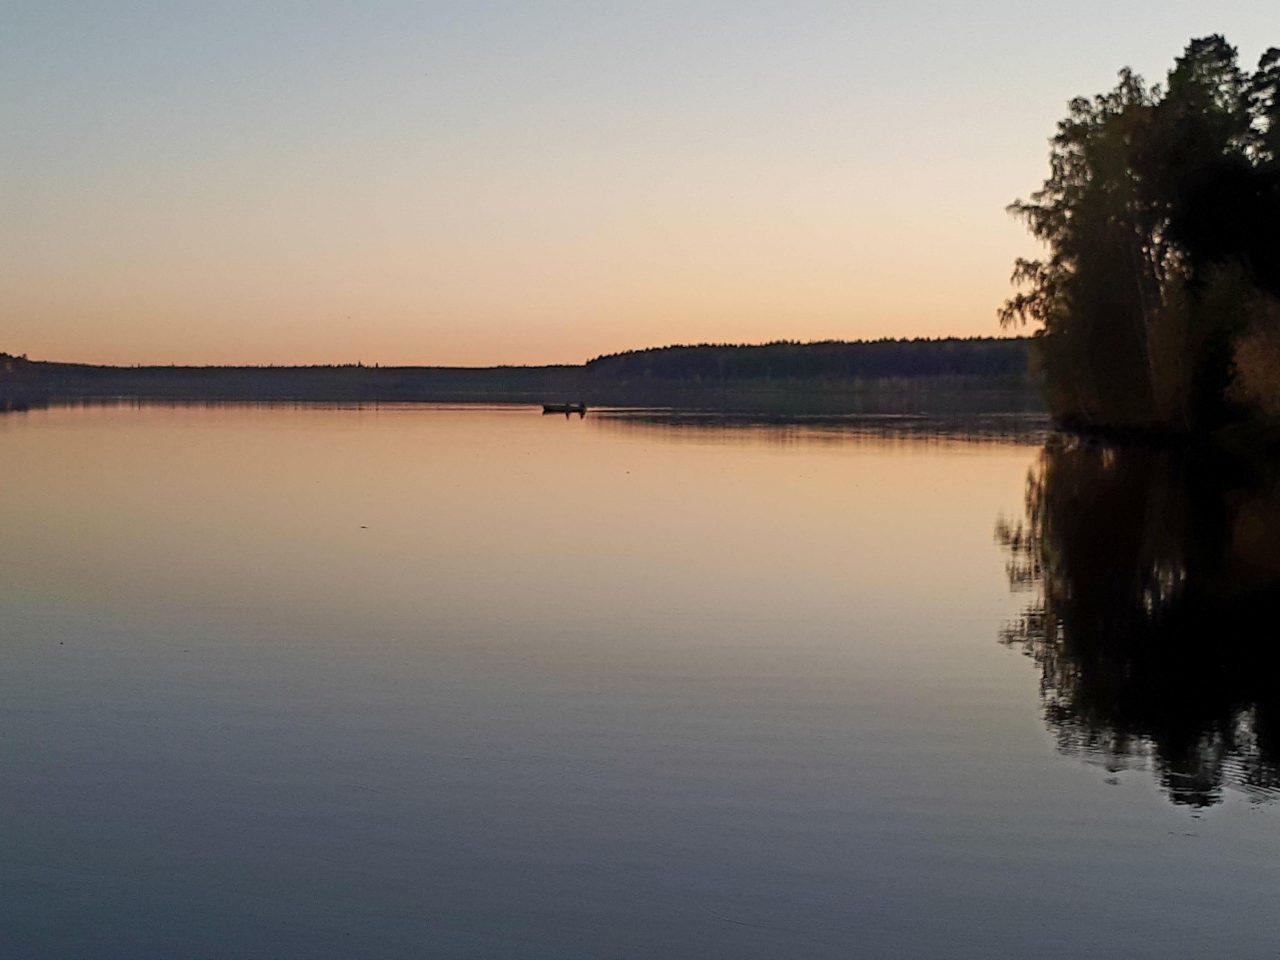 Озеро Чусовое, Чусовское озеро, Екатеринбург, Свердловская область